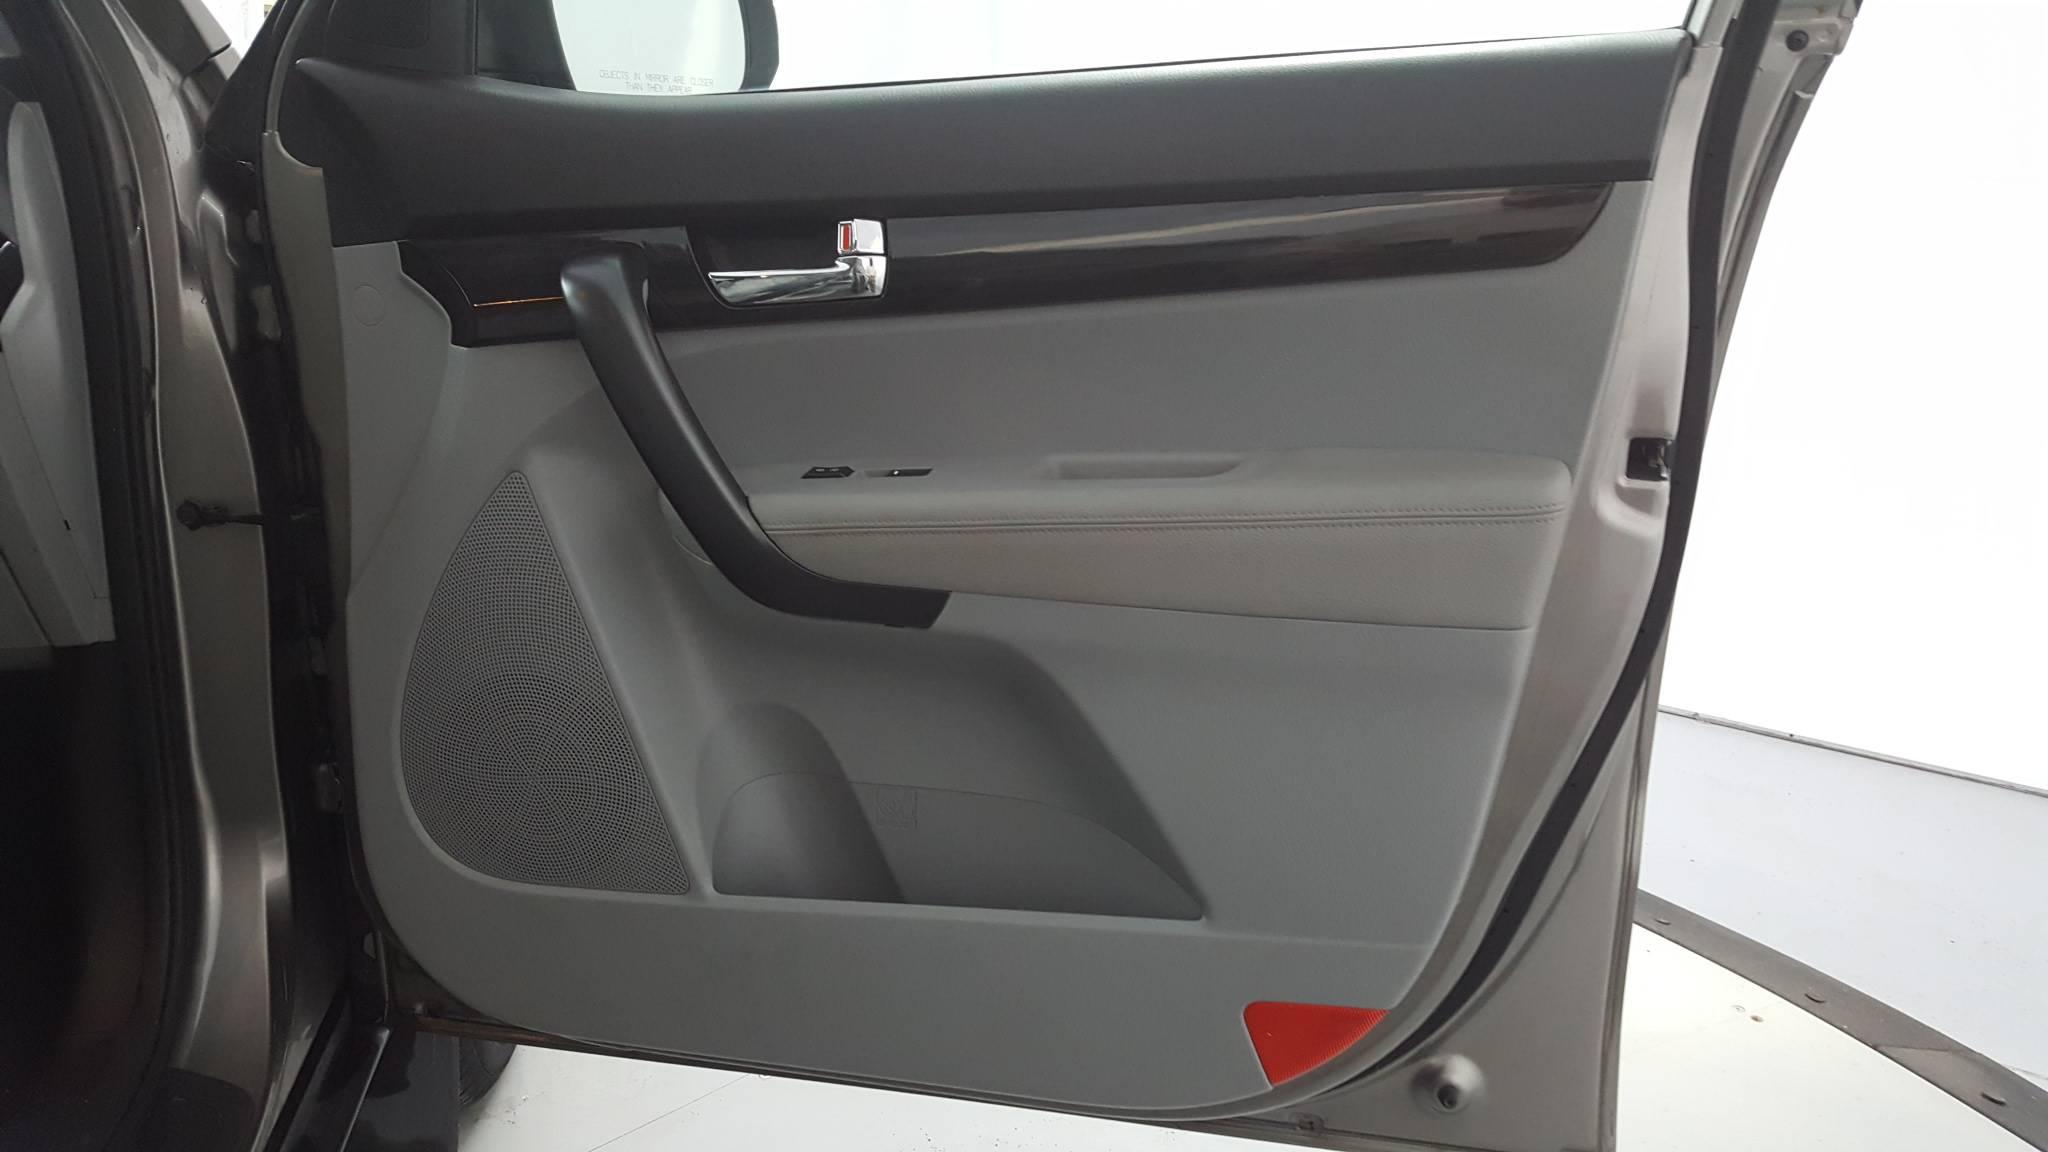 2012 Kia Sorento Sport Utility